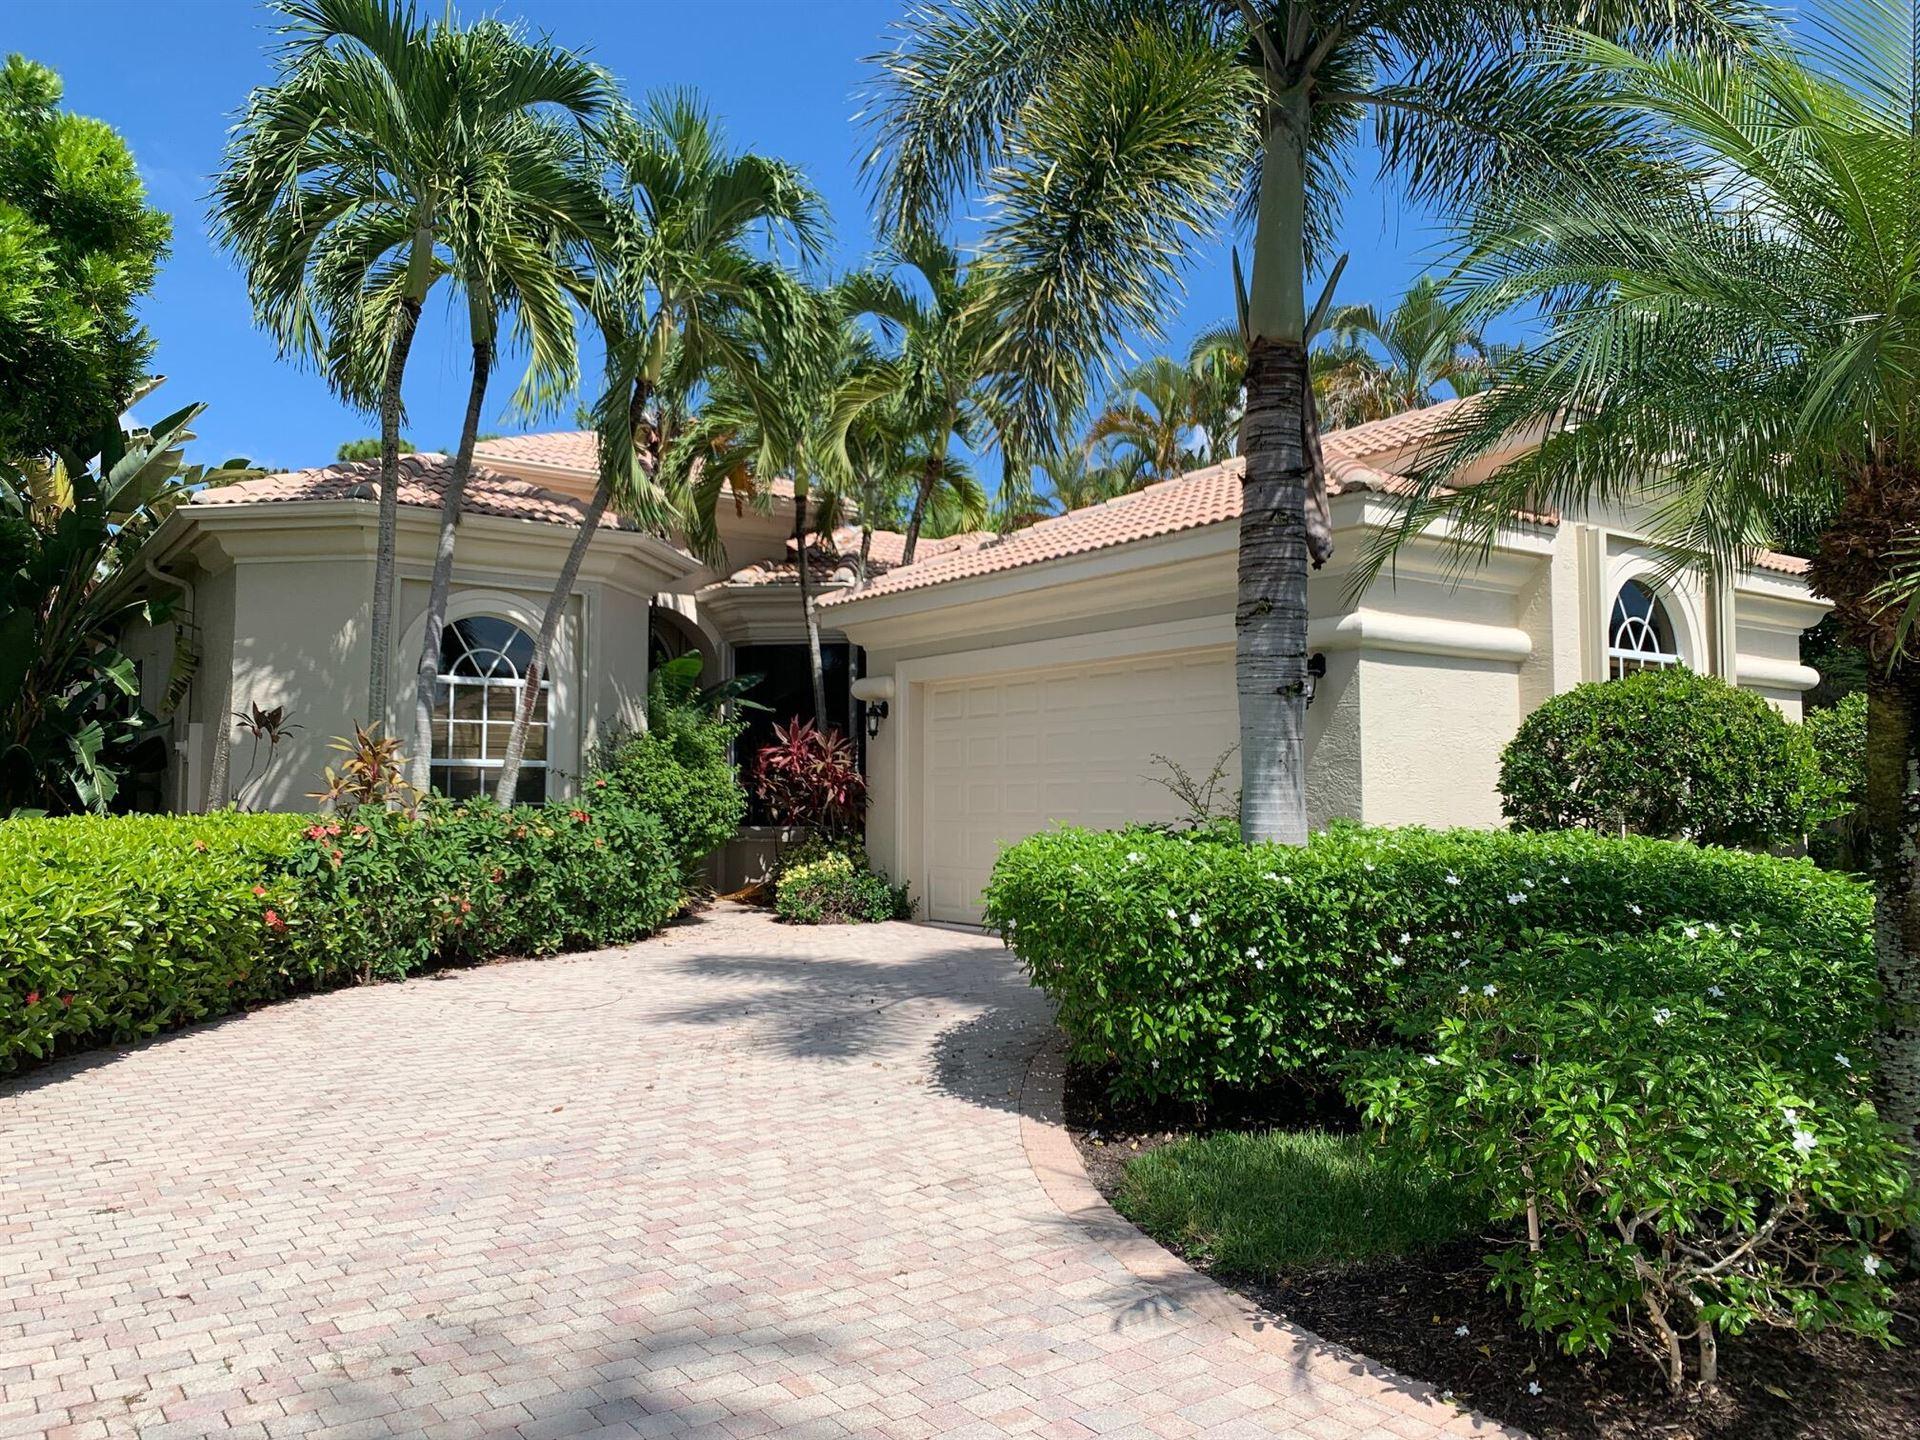 7940 Villa D Este Way, Delray Beach, FL 33446 - #: RX-10751194